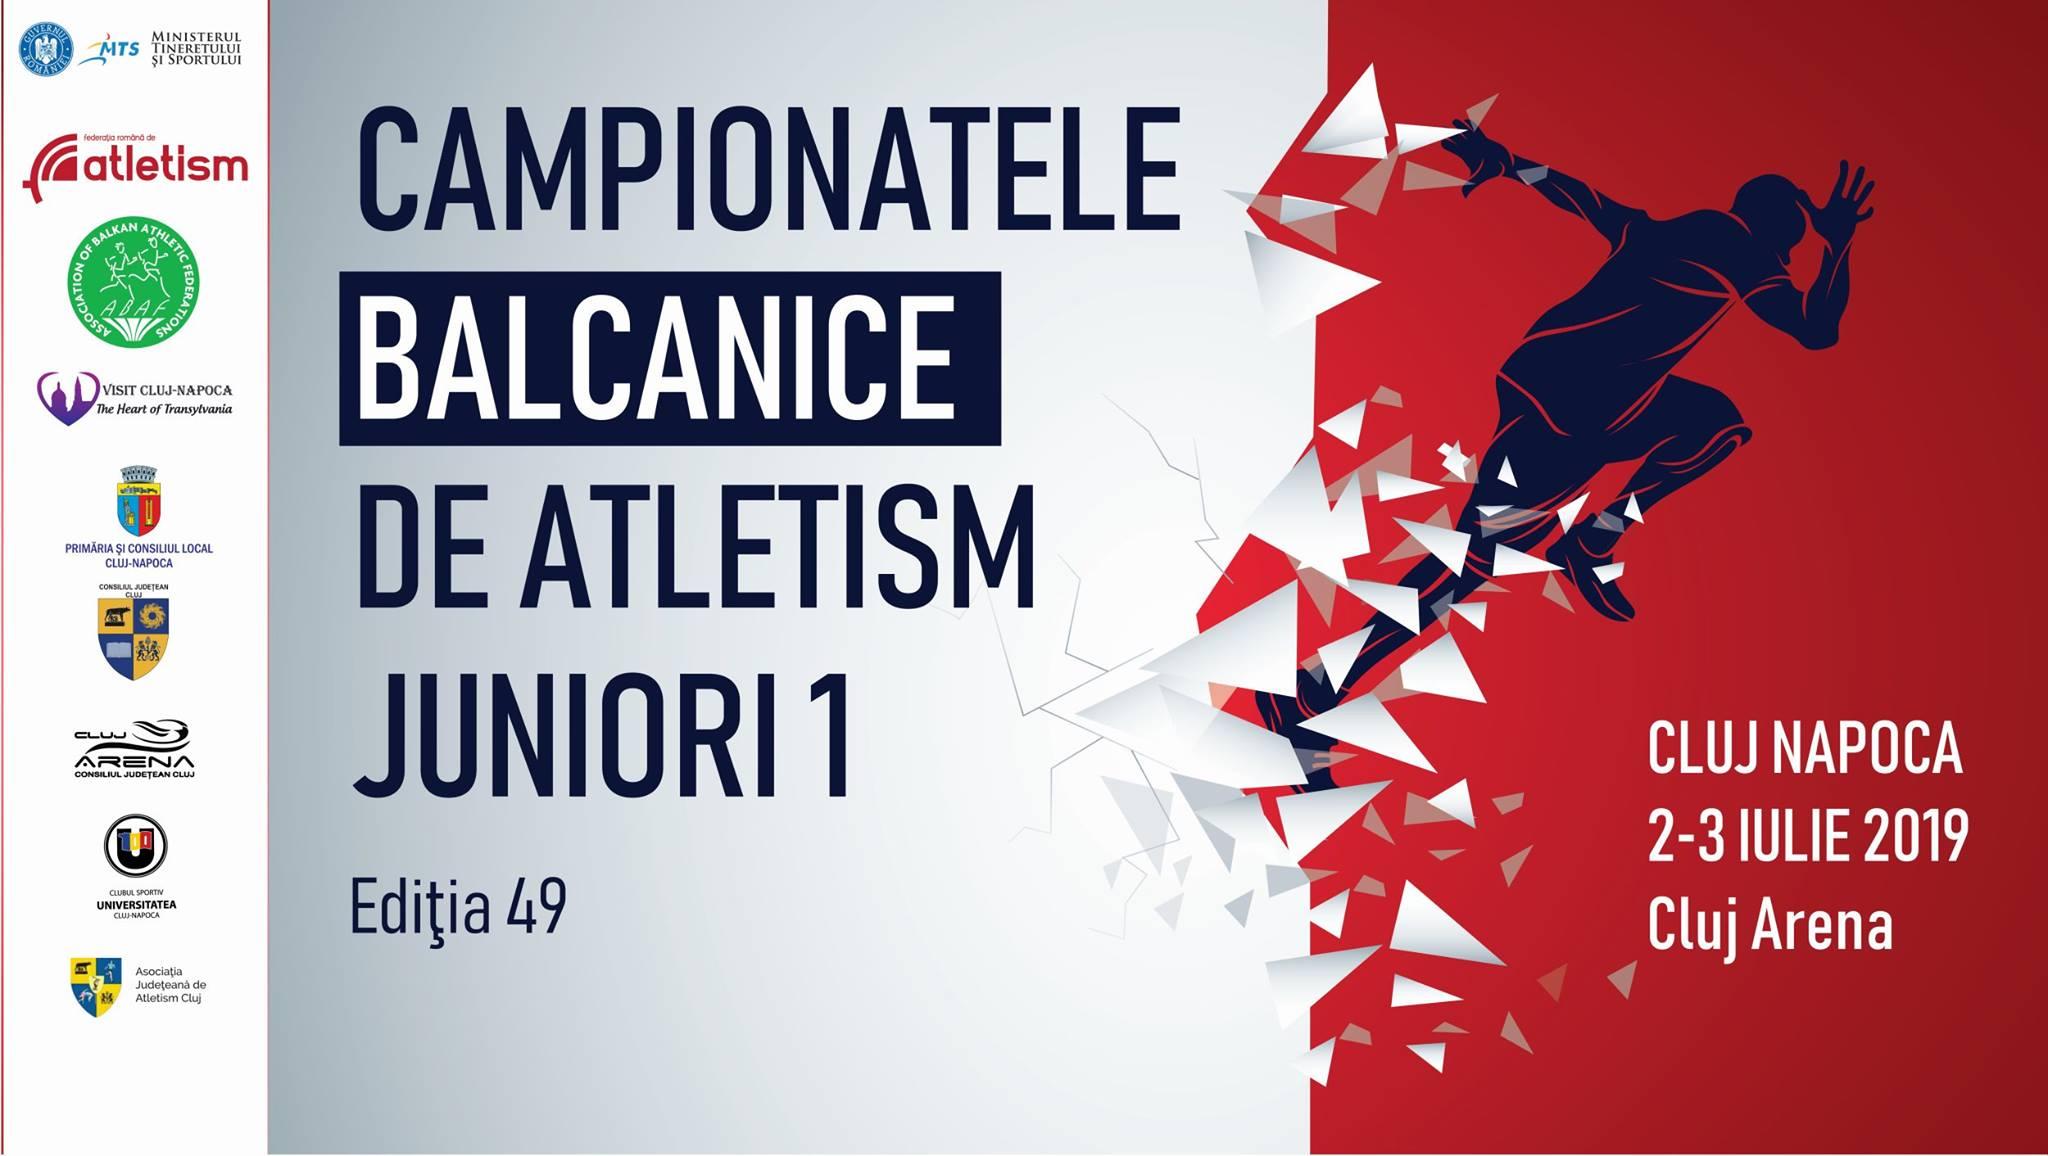 Campionatele Balcanice de Atletism pentru Juniori 1